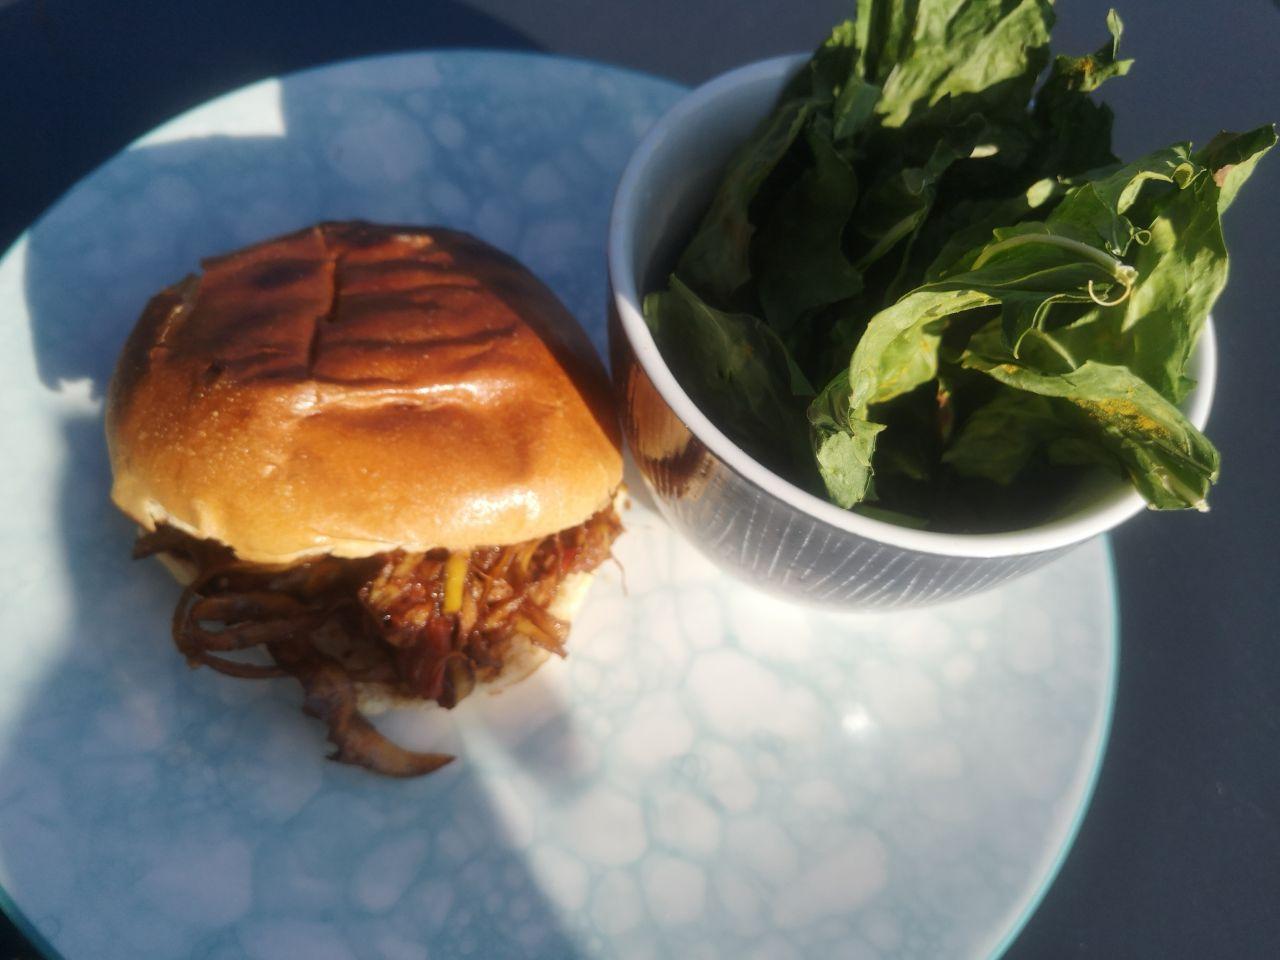 No Waste Pulled Burger mit Kohlrabichip, serviert auf einem Teller